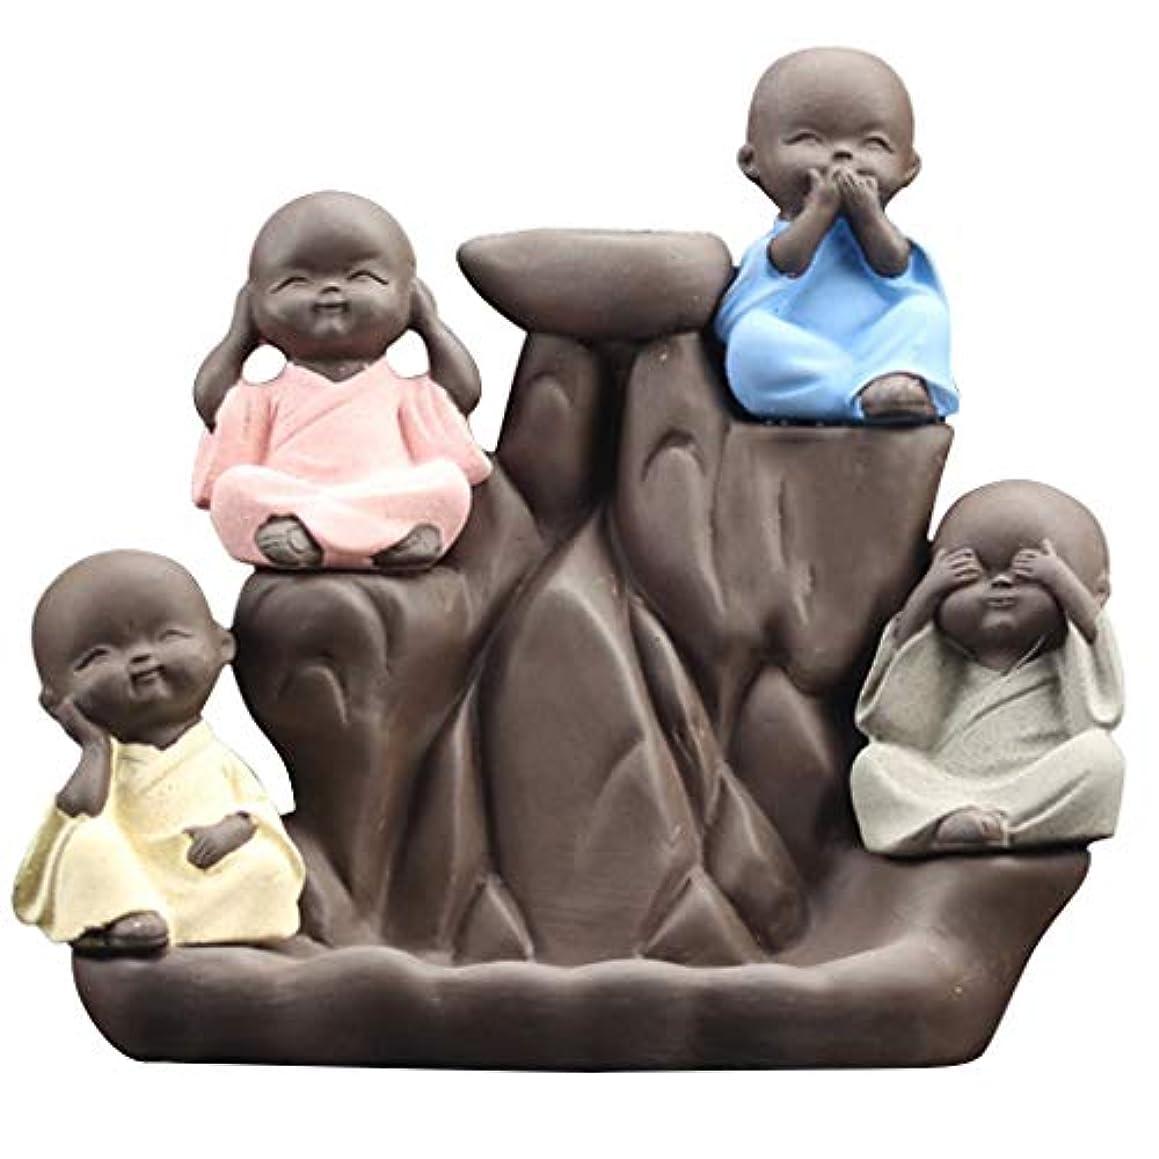 ソフトウェア望ましい椅子芳香器?アロマバーナー かわいい小さな僧侶逆流香炉家の装飾クリエイティブセラミックコーン滝香ホルダー仏教香炉 アロマバーナー芳香器 (Color : Multi-colored)